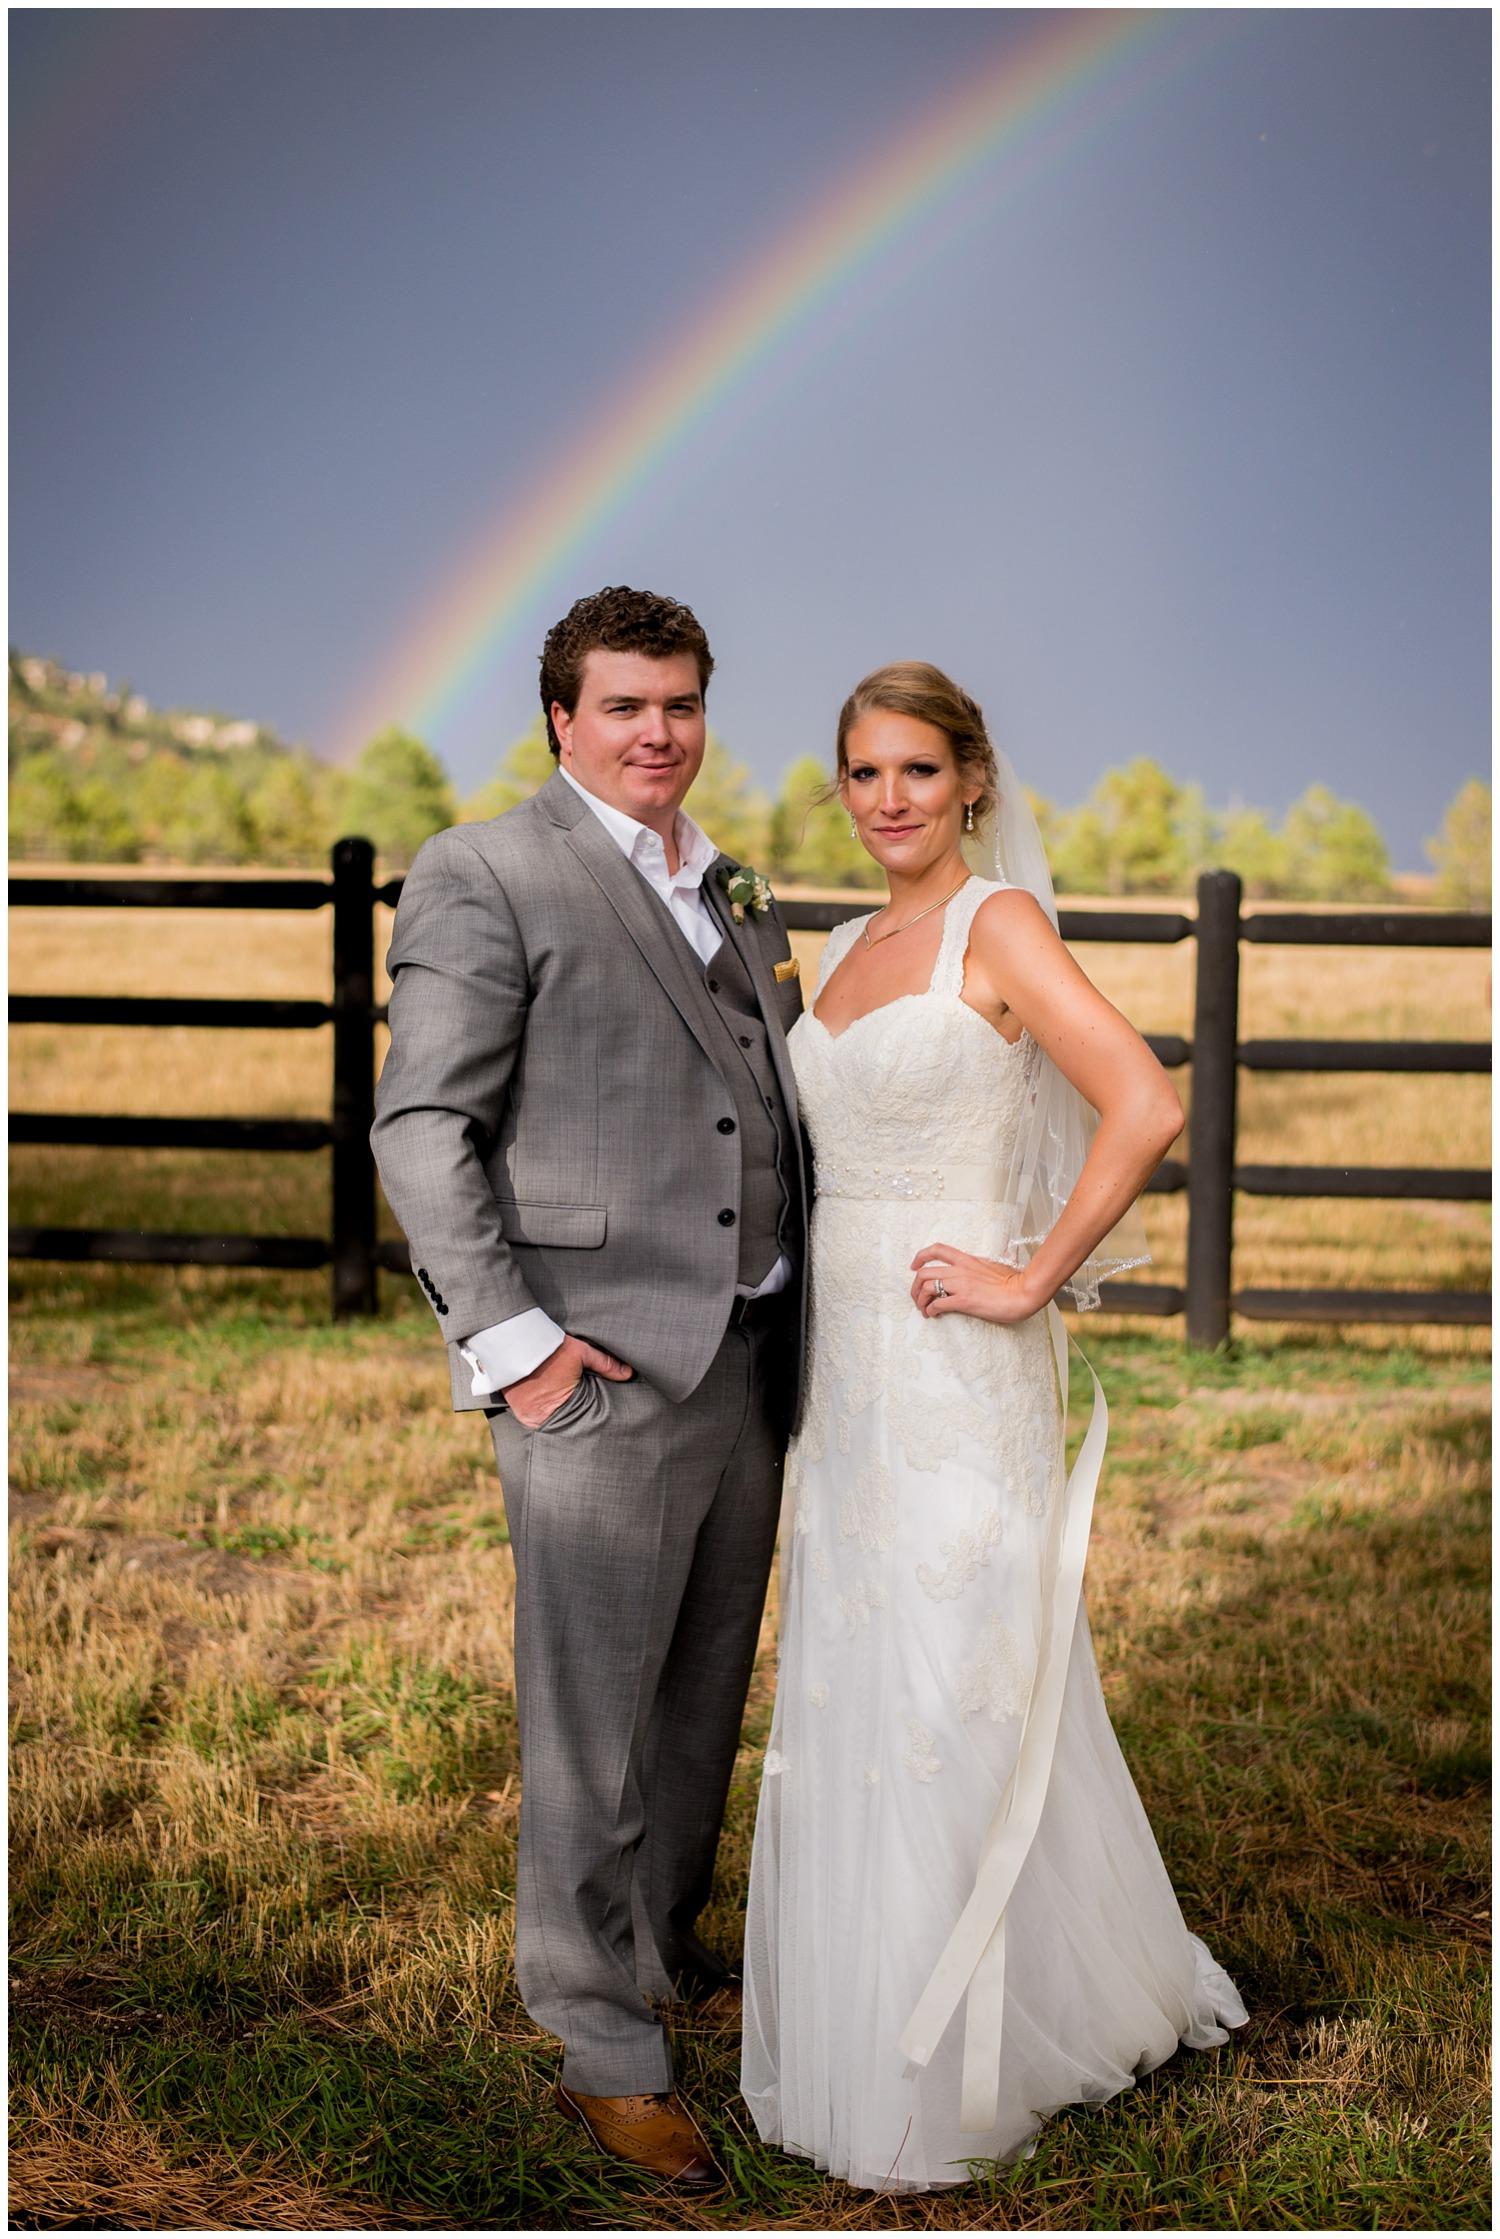 573-Spruce-mountain-ranch-colorado-wedding-photography.jpg